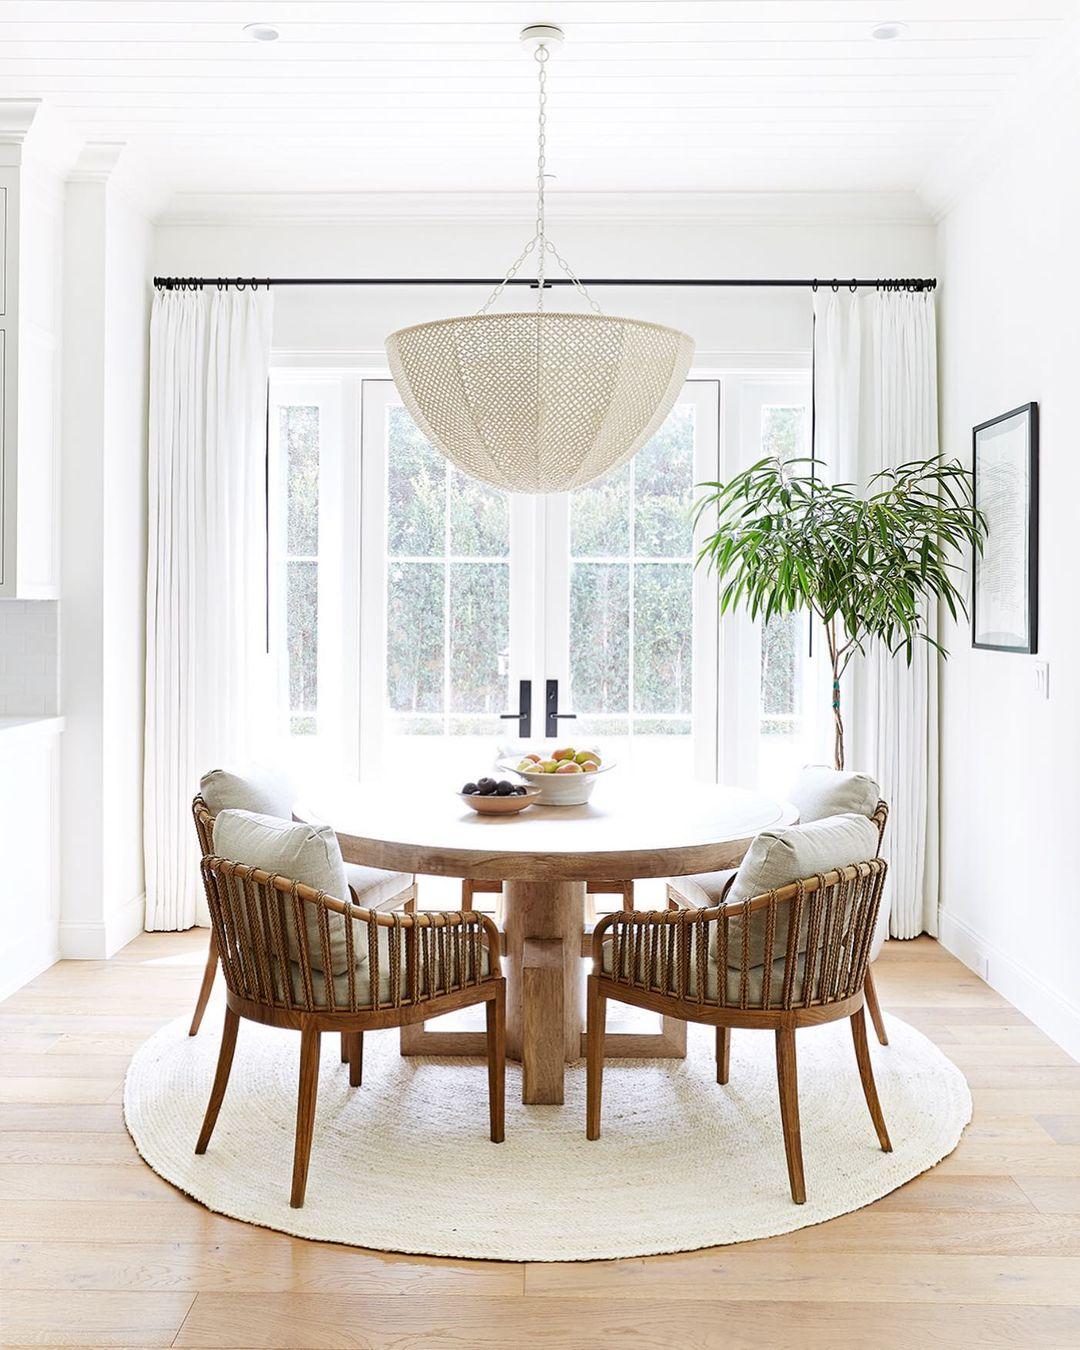 10 Inspiring Mid-Century Dining Room Ideas_6